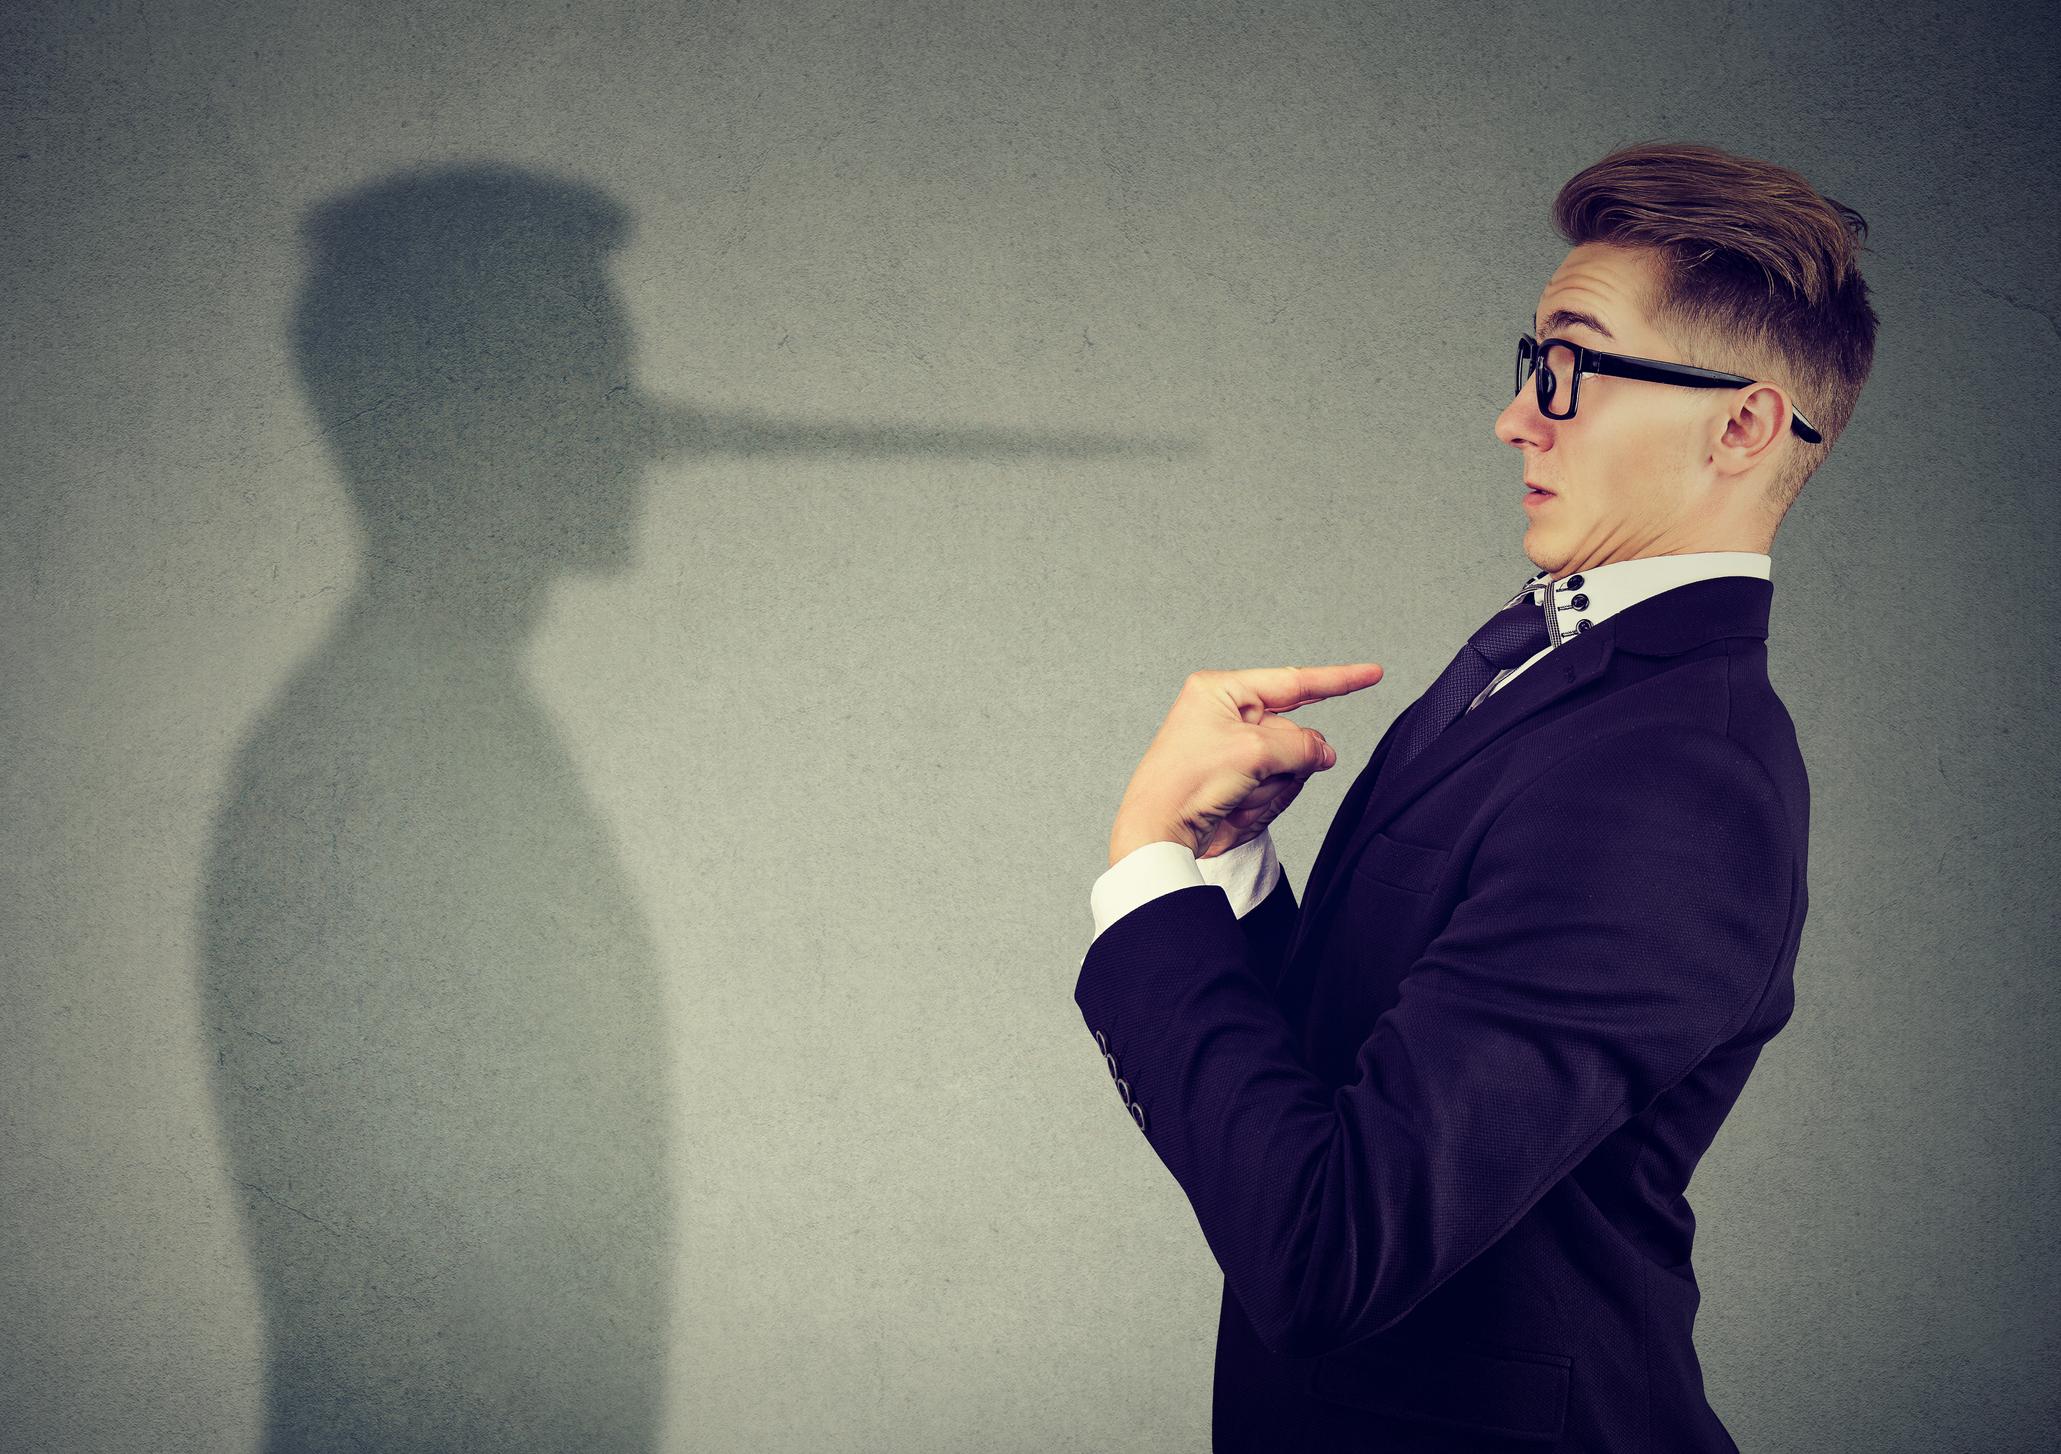 Як дізнатися, що чоловік бреше